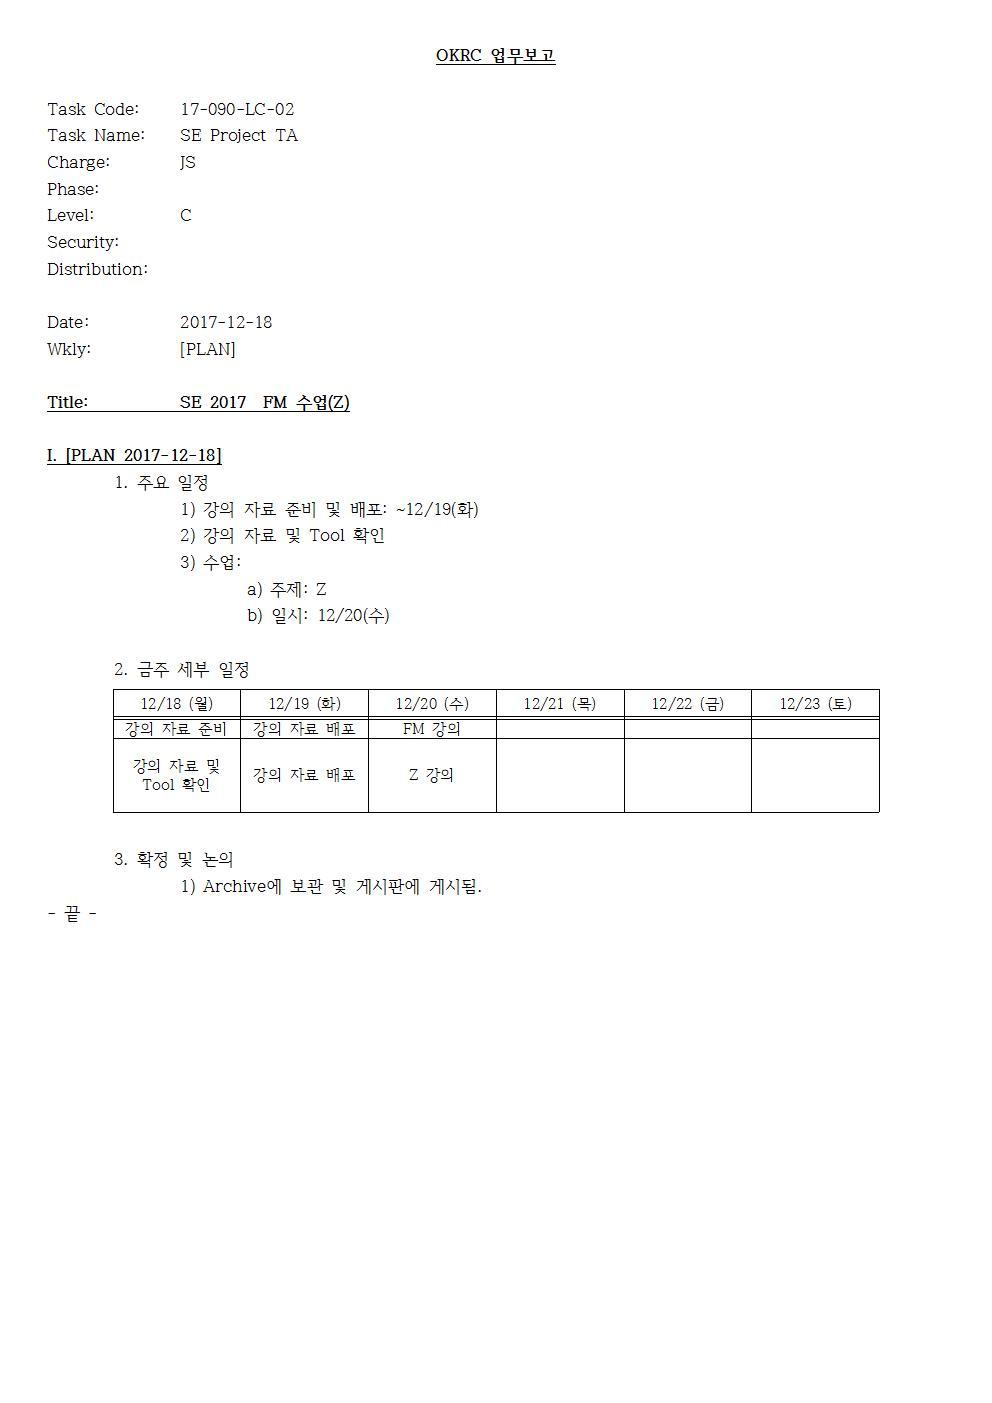 D-[17-090-LC-02]-[SE2017-TA]-[JS]-[2017-12-18]-[PLAN]001.jpg